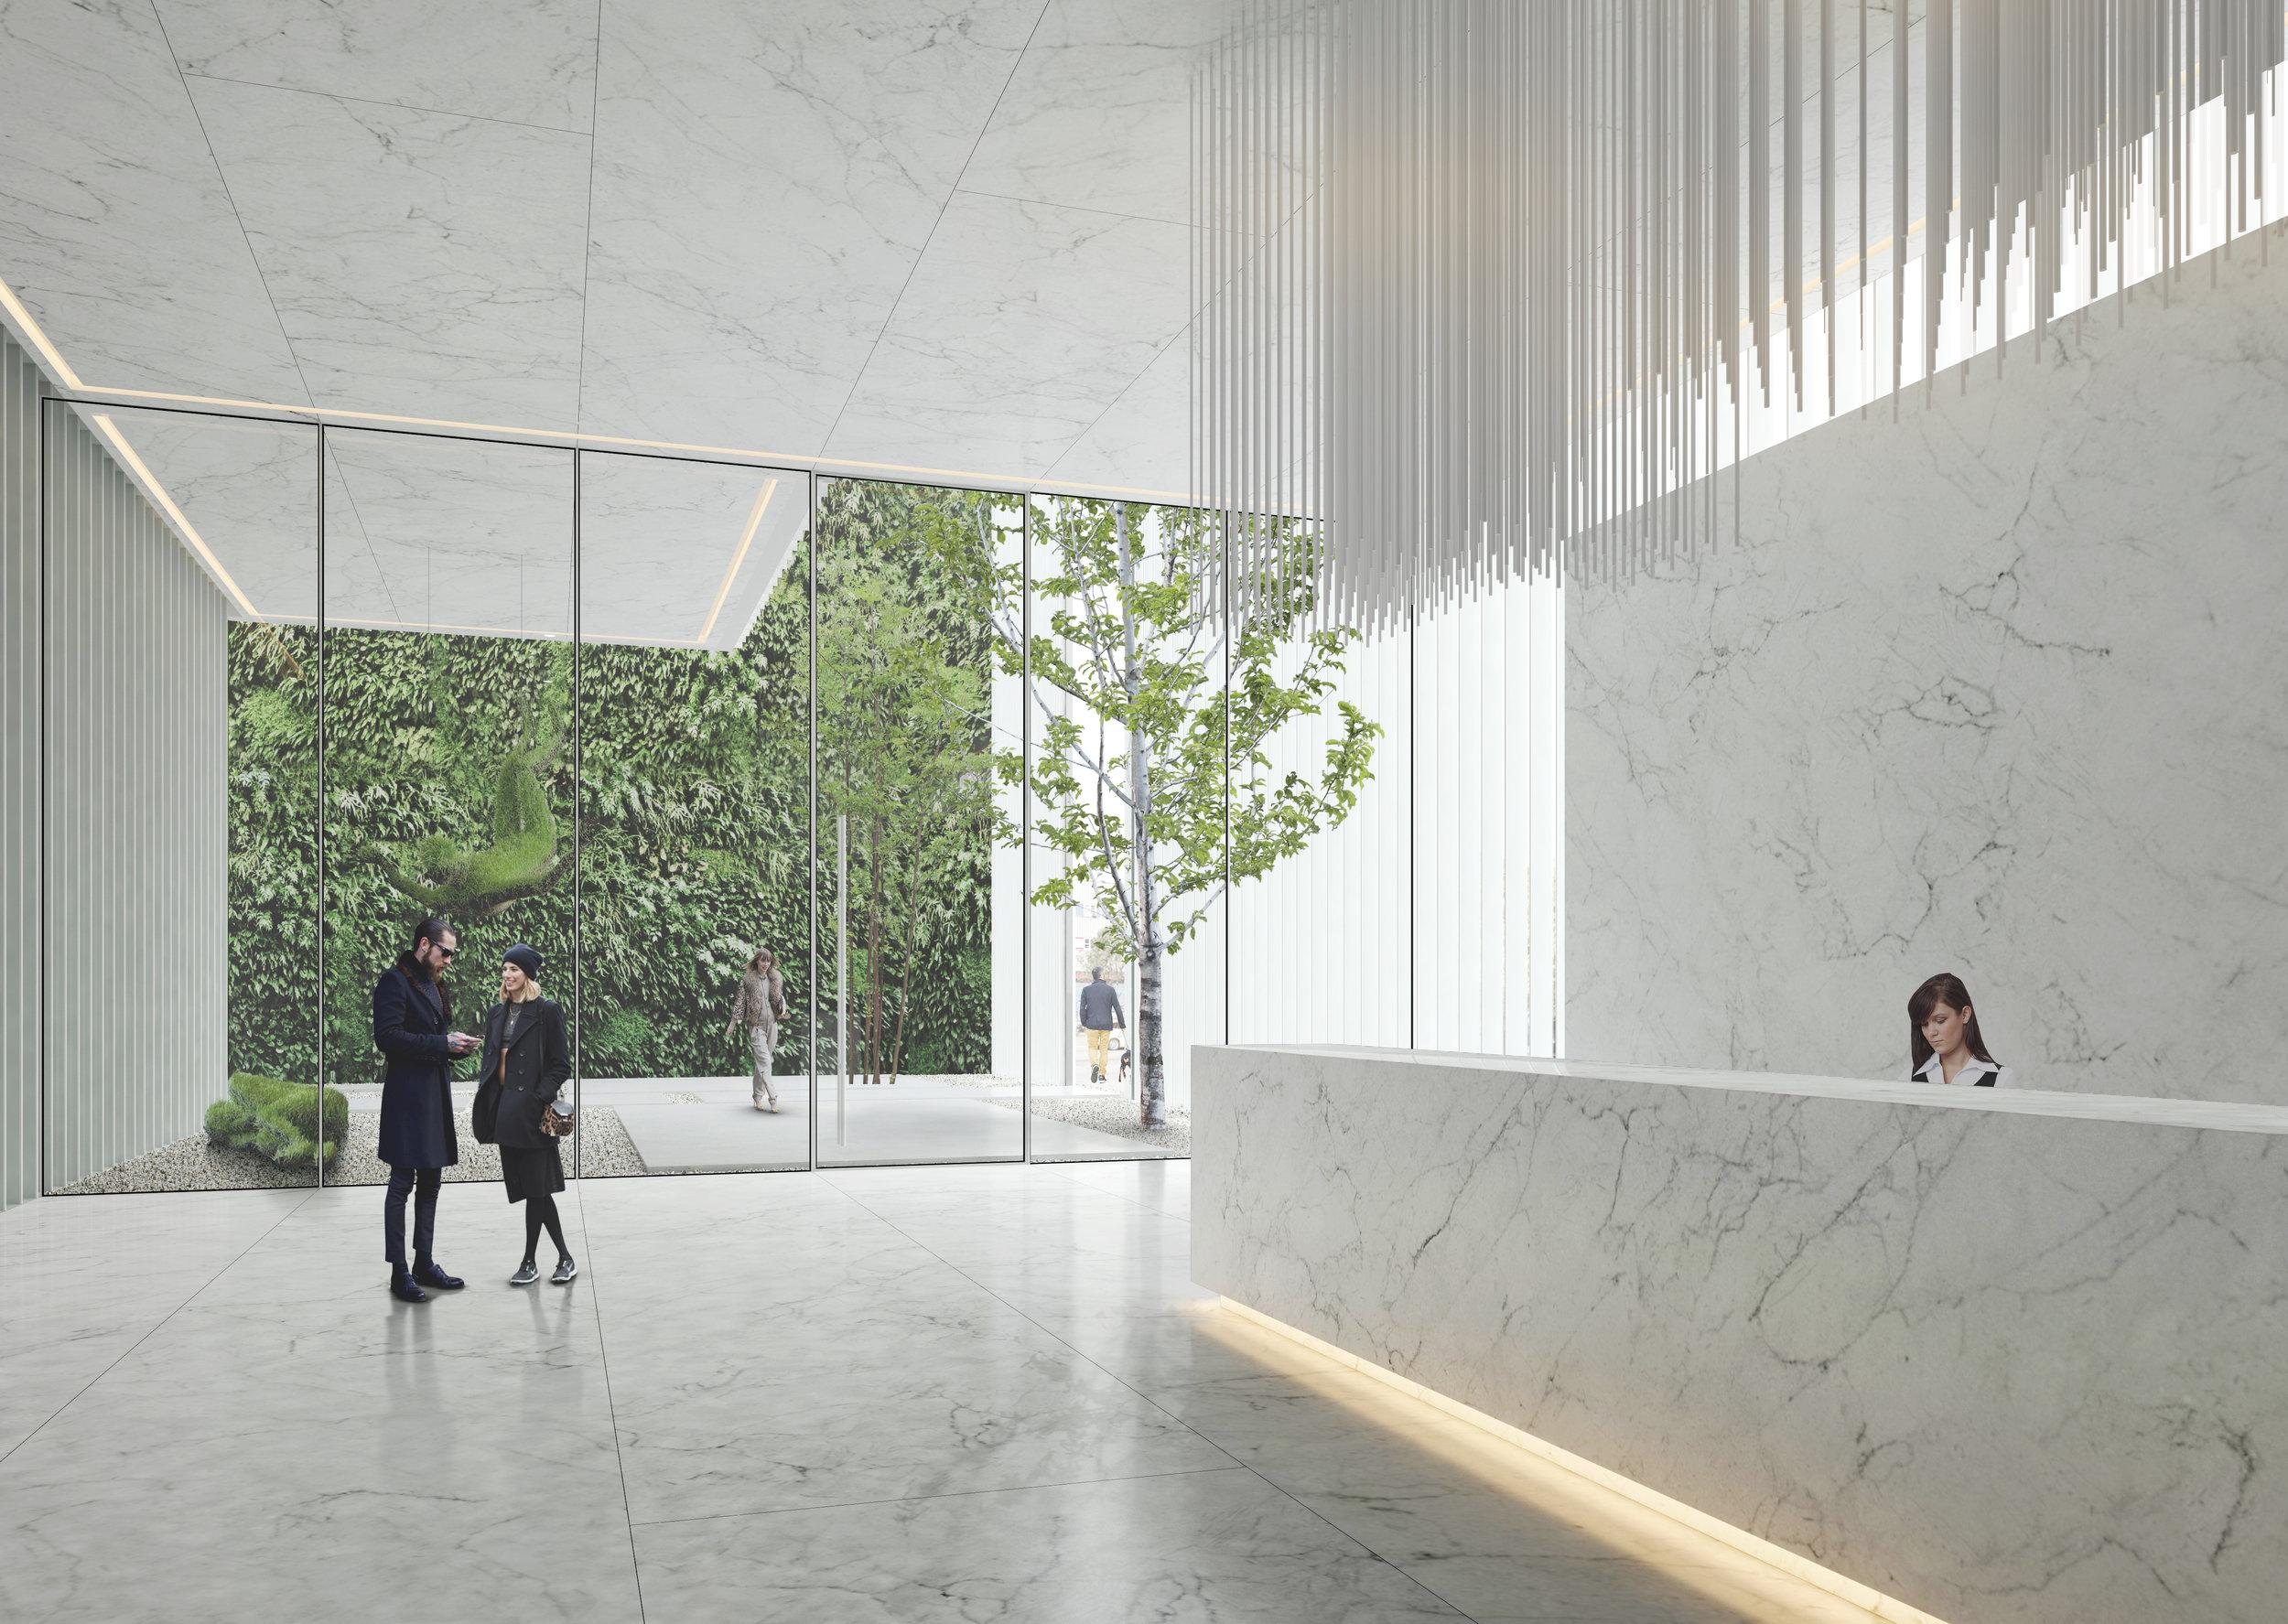 West 21st Street_Interior Reception.jpg